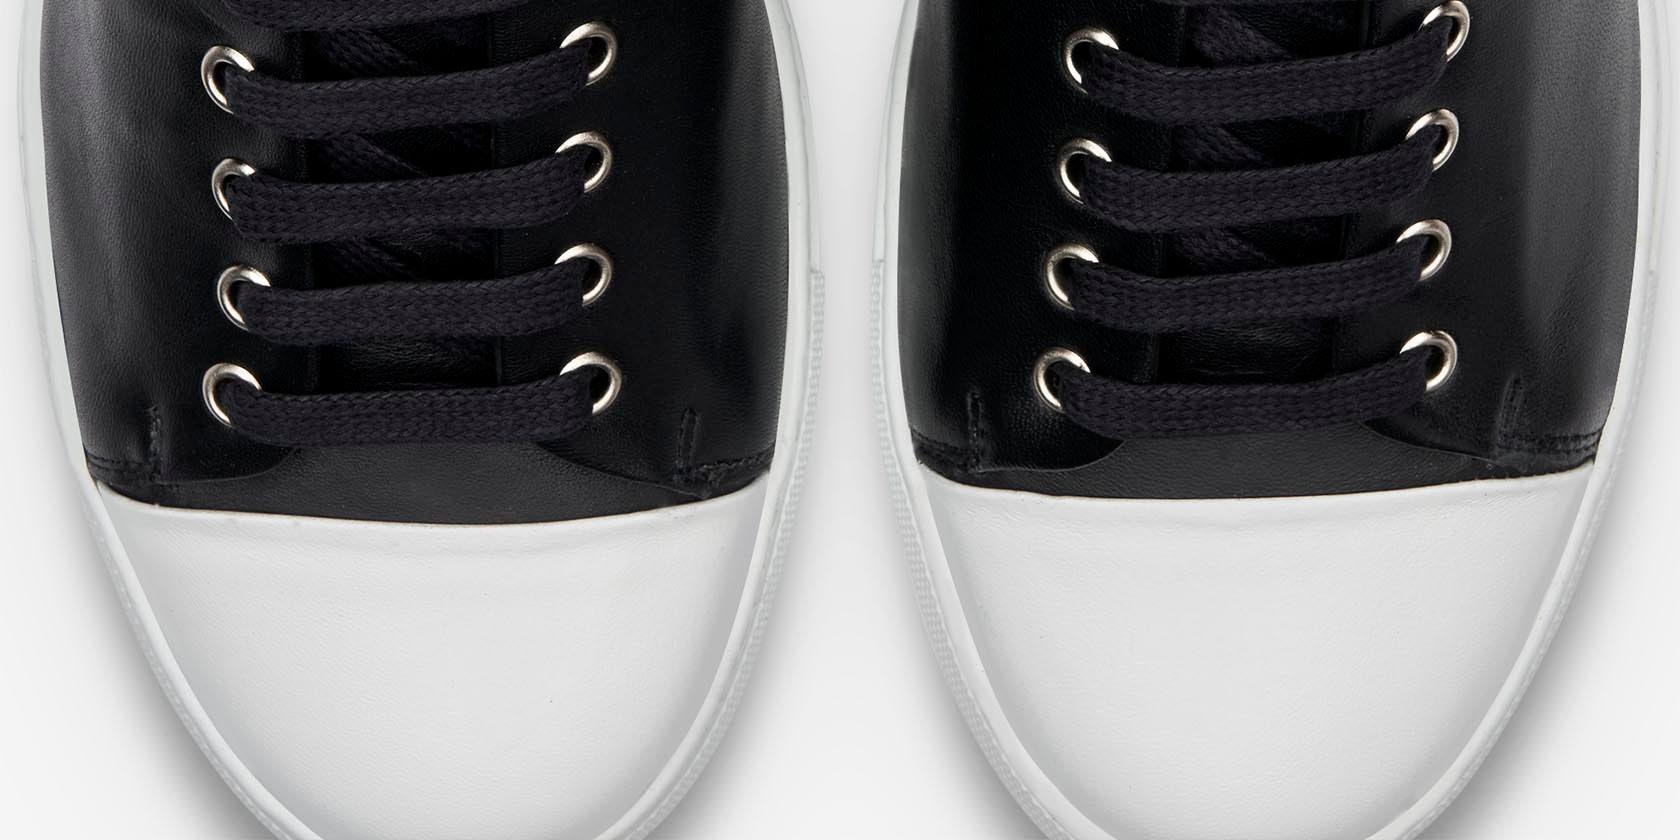 Design Details for Erving | Monochrome